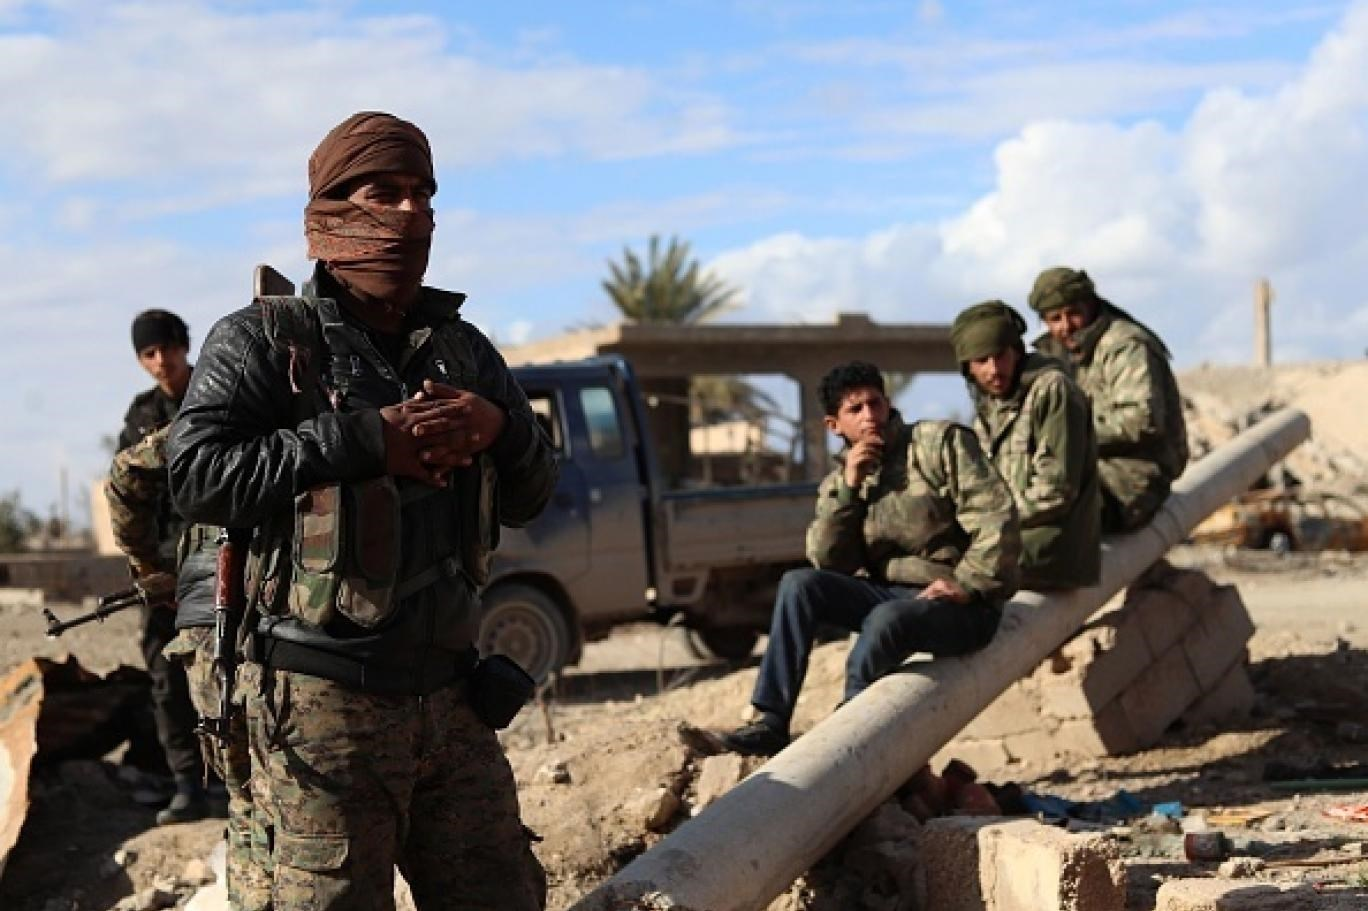 إعلام إسرائيلي: الحرب السورية أقلقت القادة في